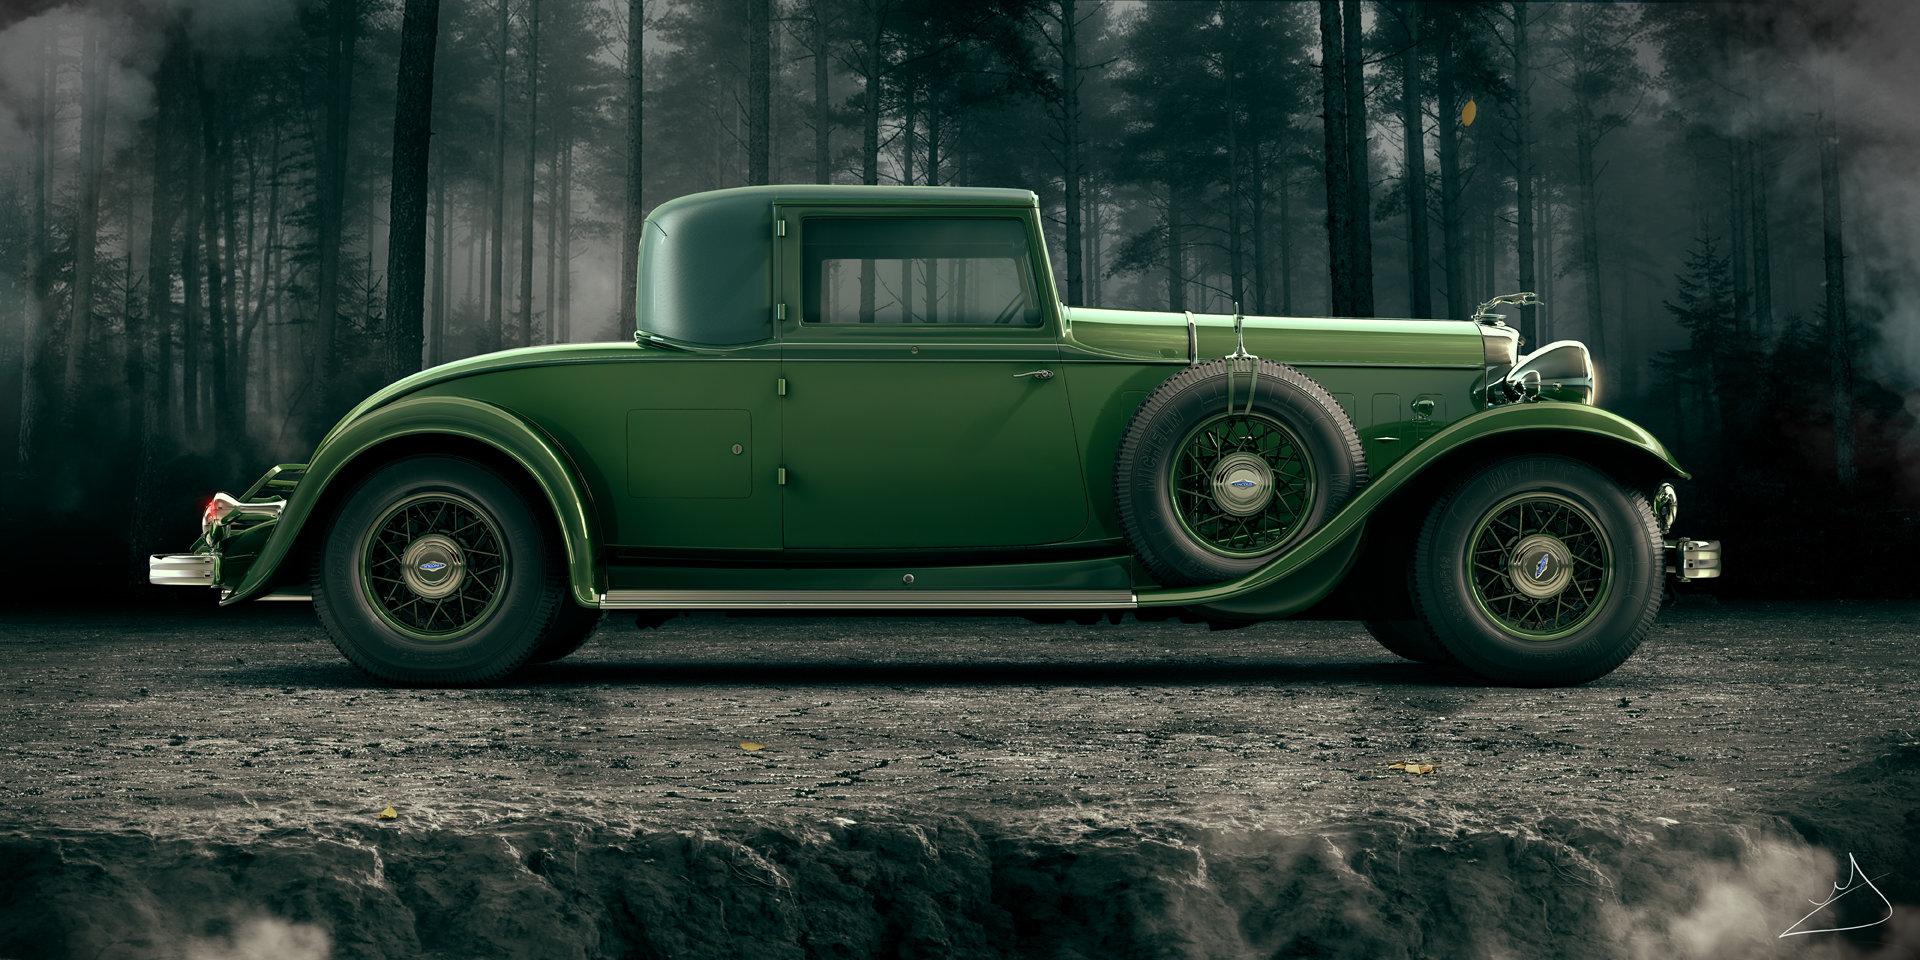 Alexandr novitskiy 1932 lincoln kb coupe 03